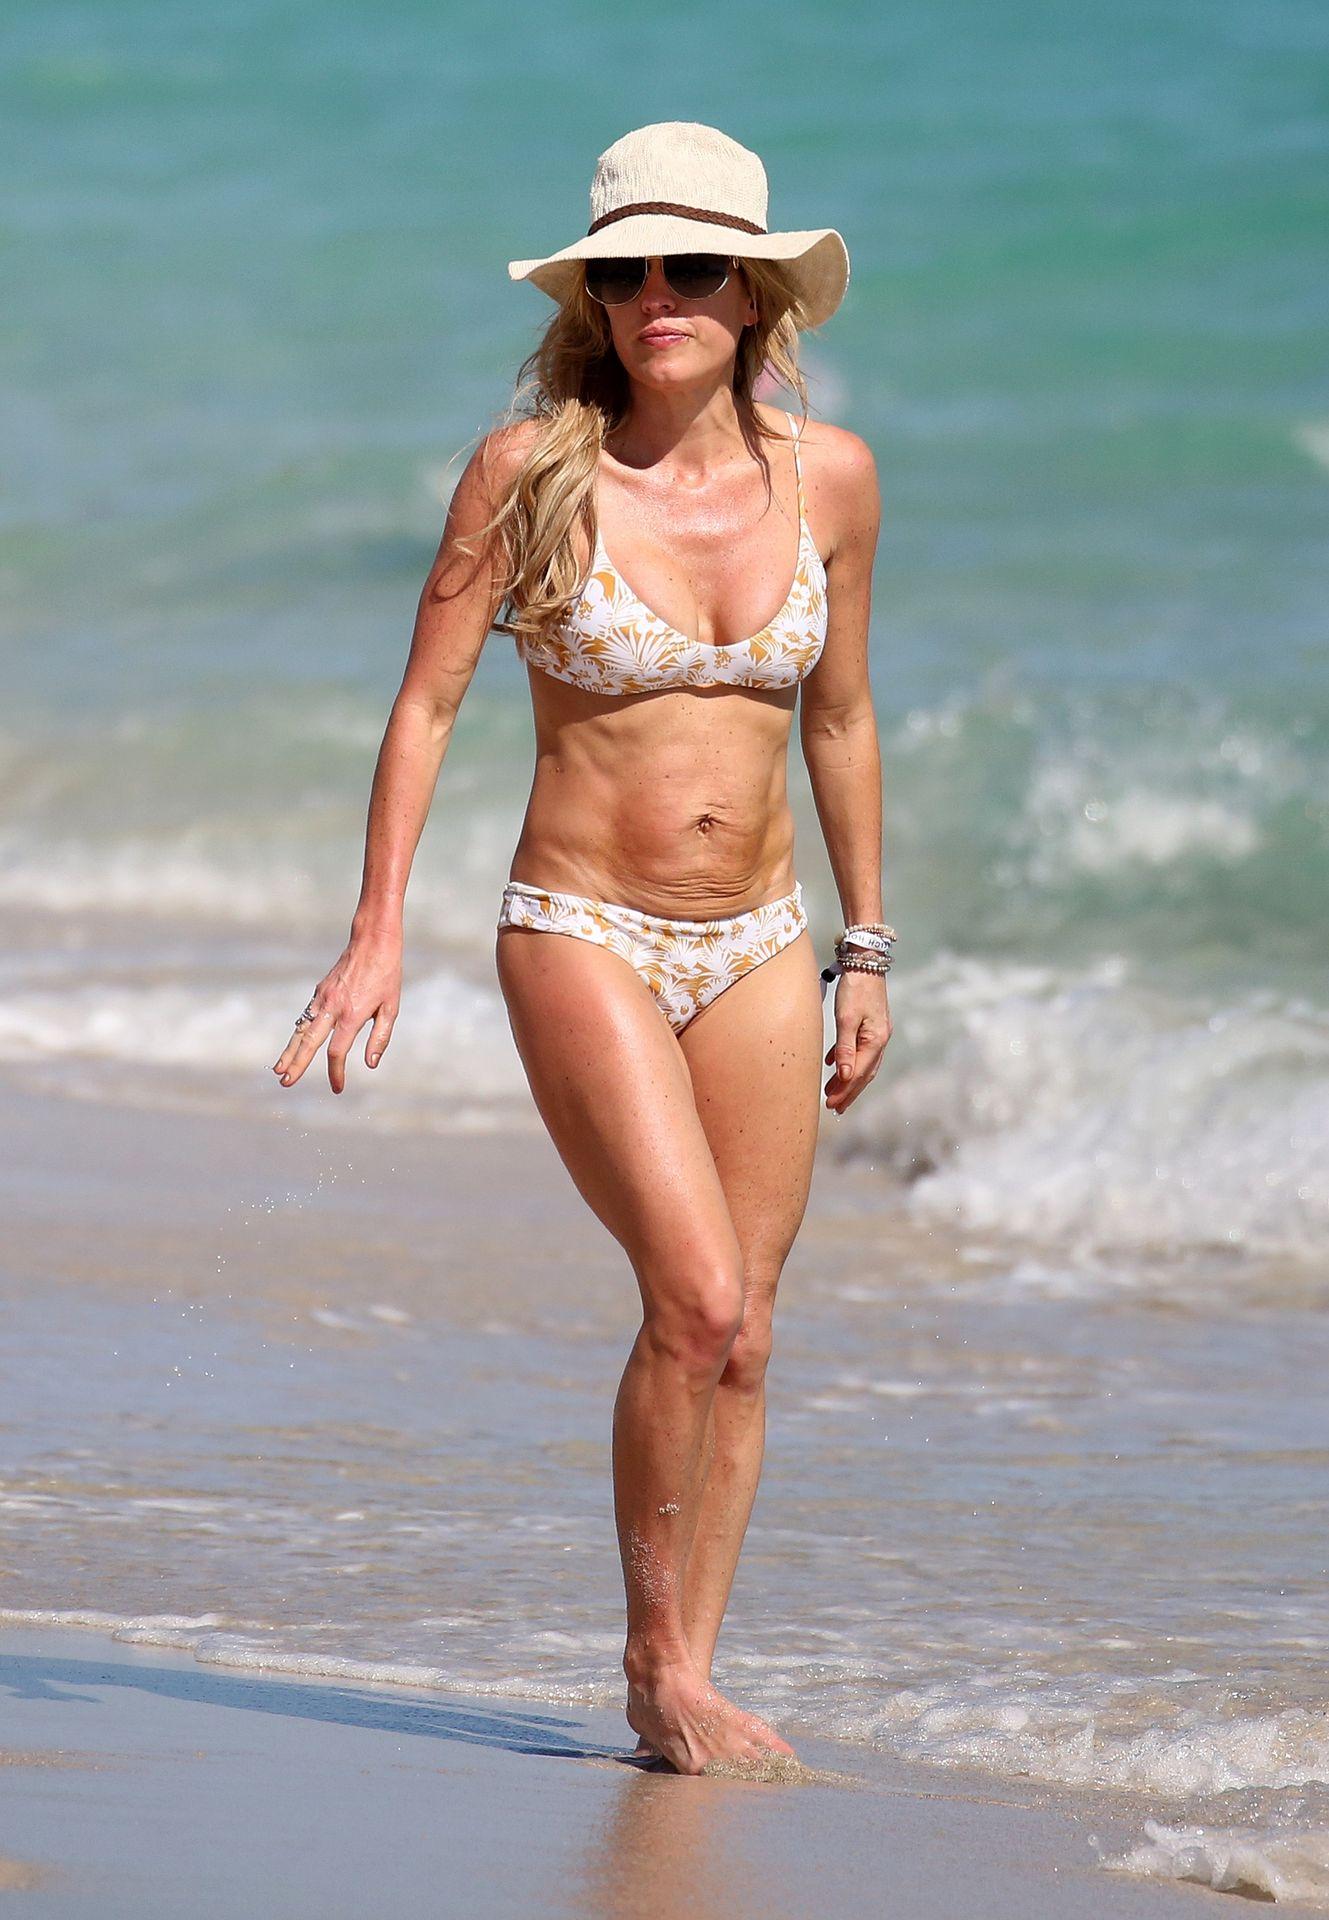 Braunwyn Windham Burke Wears A Bikini On The Beach In Miami 0001